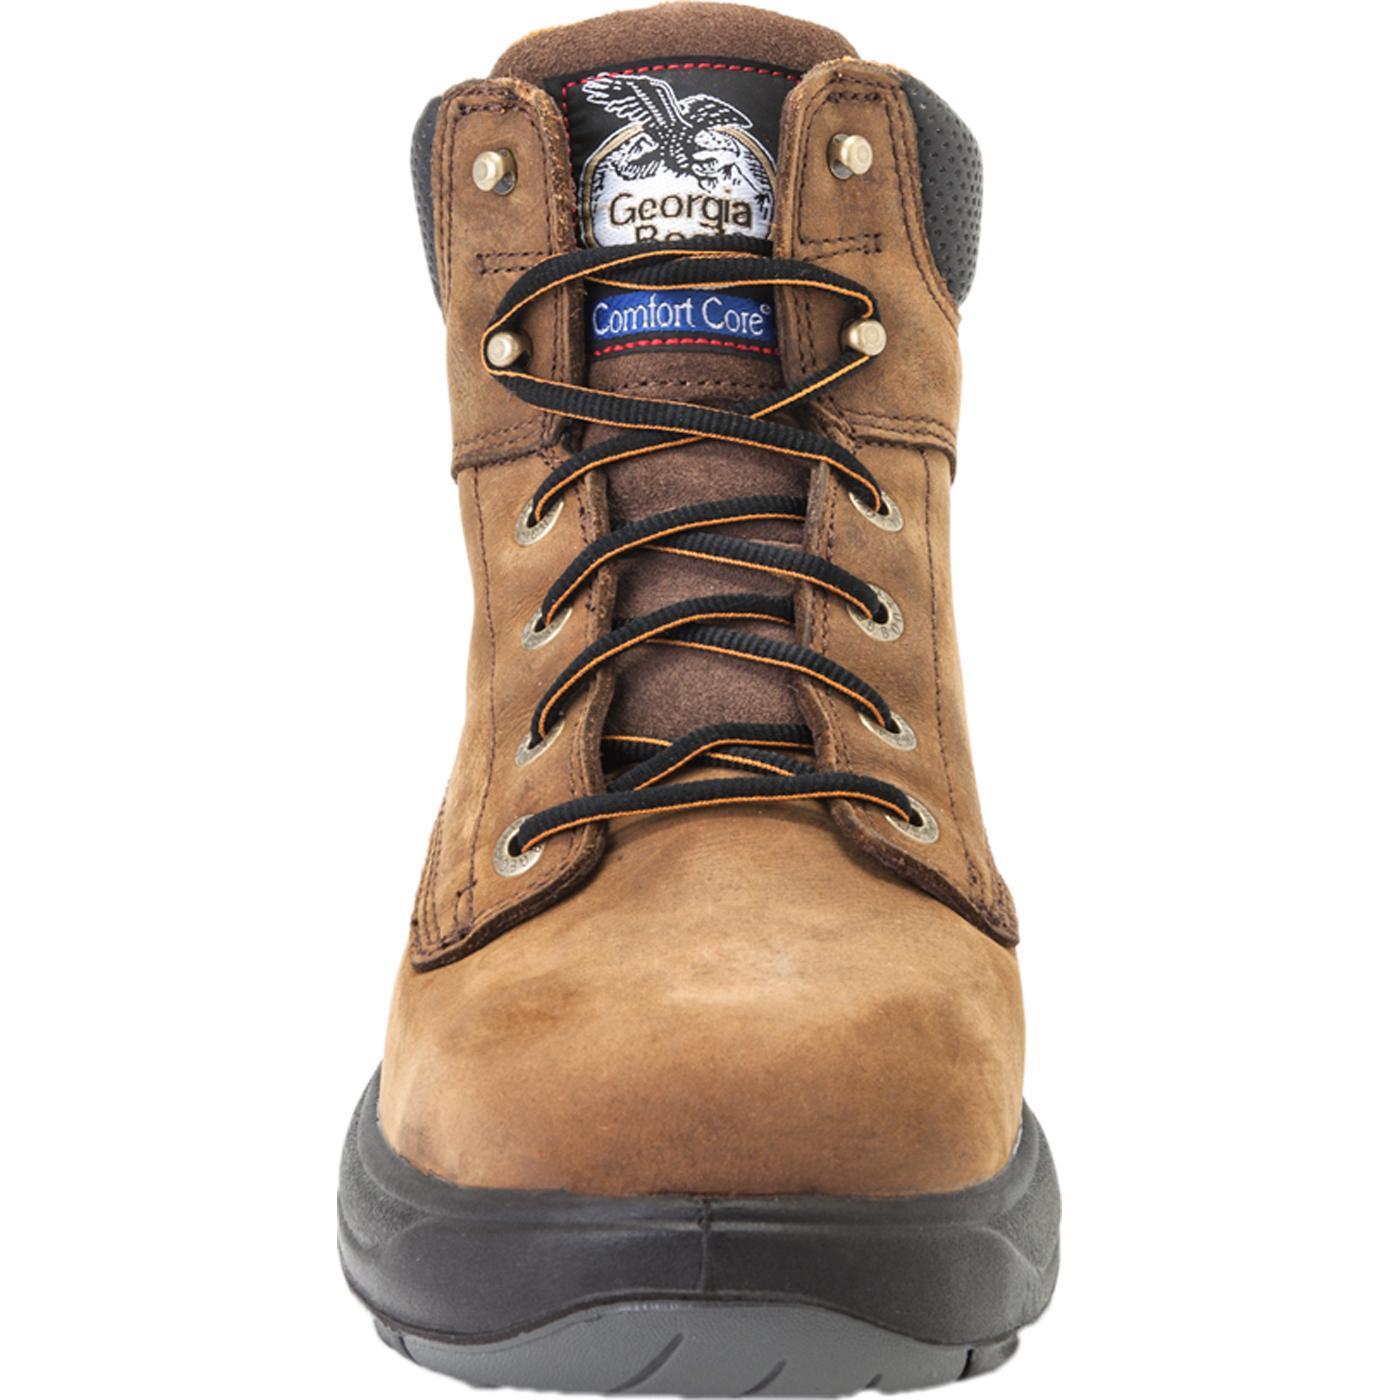 work comfortable s waterproof toe steel composite yeehawcowboy comfort comforter extralarge mens core logger products men georgia boots